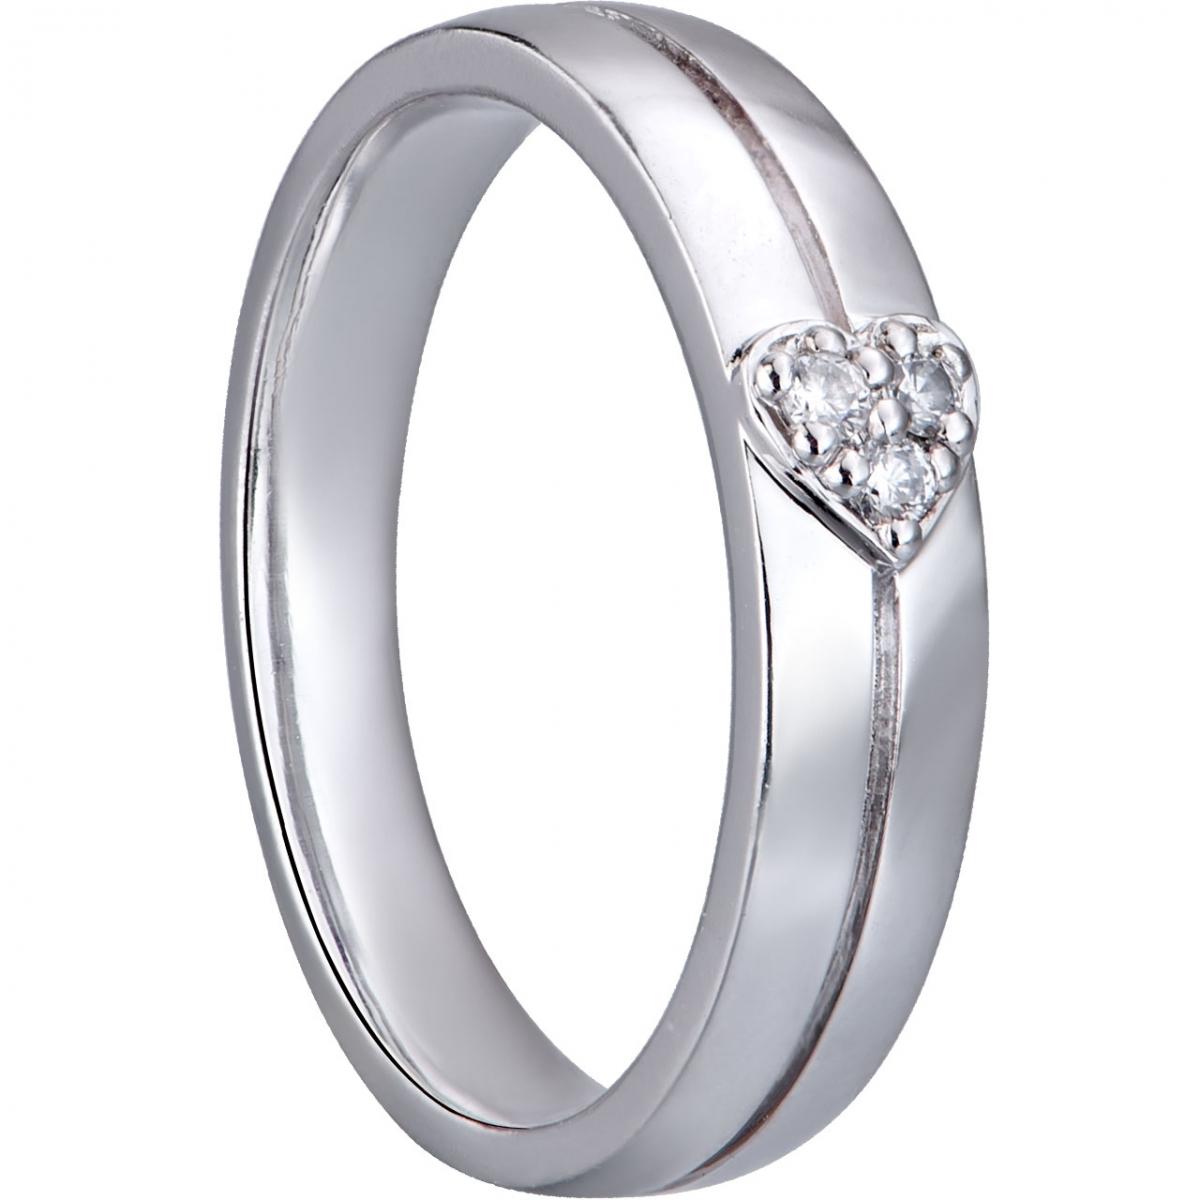 Nhẫn bạc hình trái tim PNJSilver đính đá 12507.100 - 3820487 , SND2KN12507_100 , 274_SND2KN12507_100_11 , 308000 , Nhan-bac-hinh-trai-tim-PNJSilver-dinh-da-12507.100-274_SND2KN12507_100_11 , pnj.com.vn , Nhẫn bạc hình trái tim PNJSilver đính đá 12507.100